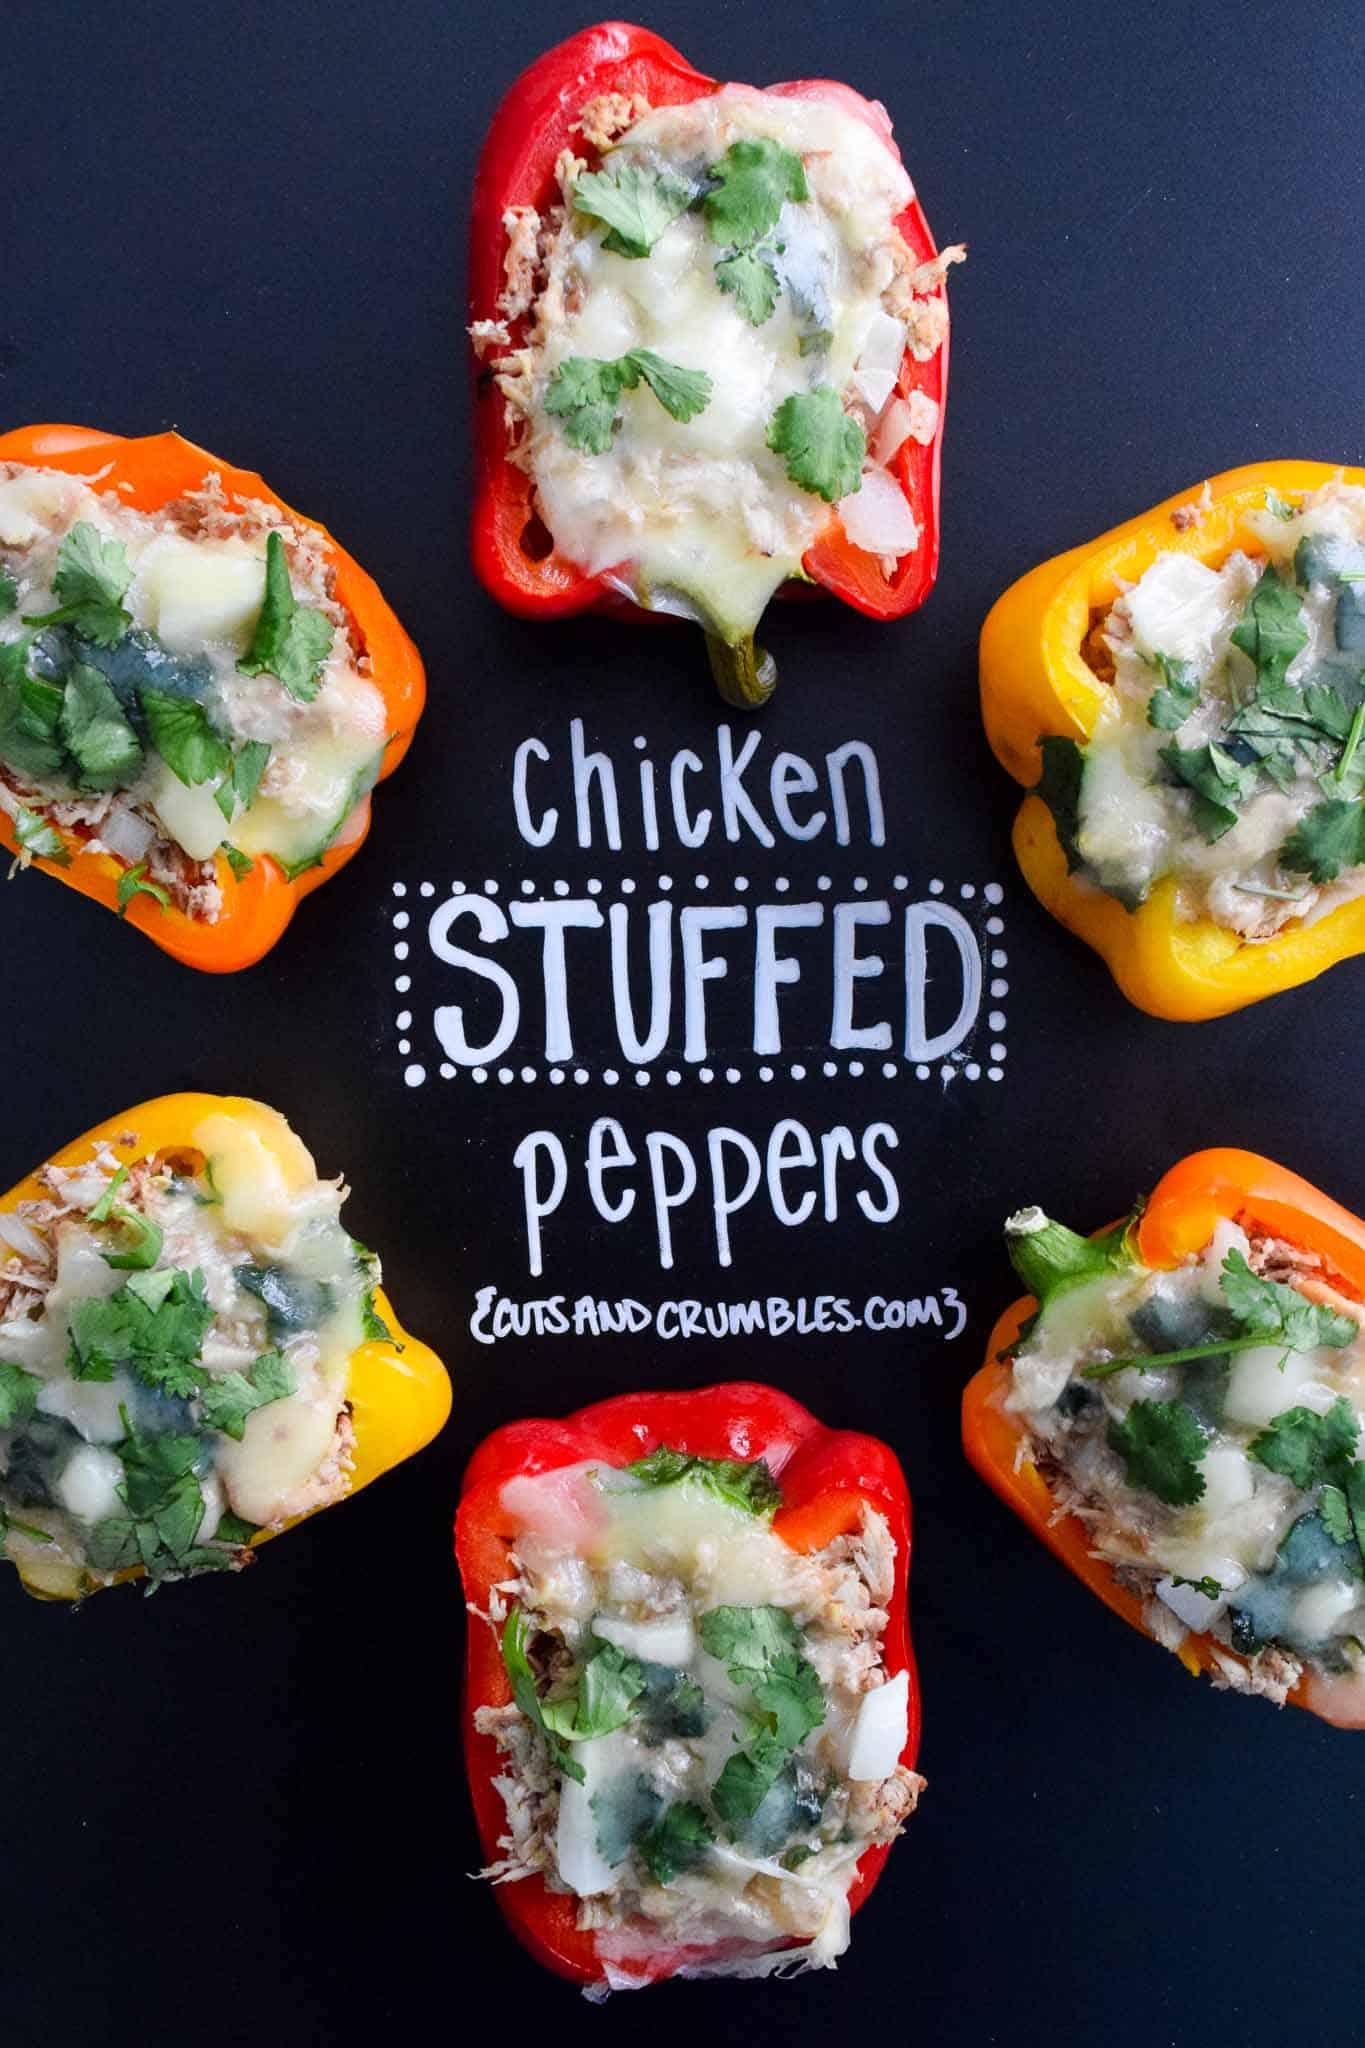 chicken stuffed peppers with title written on chalkboard